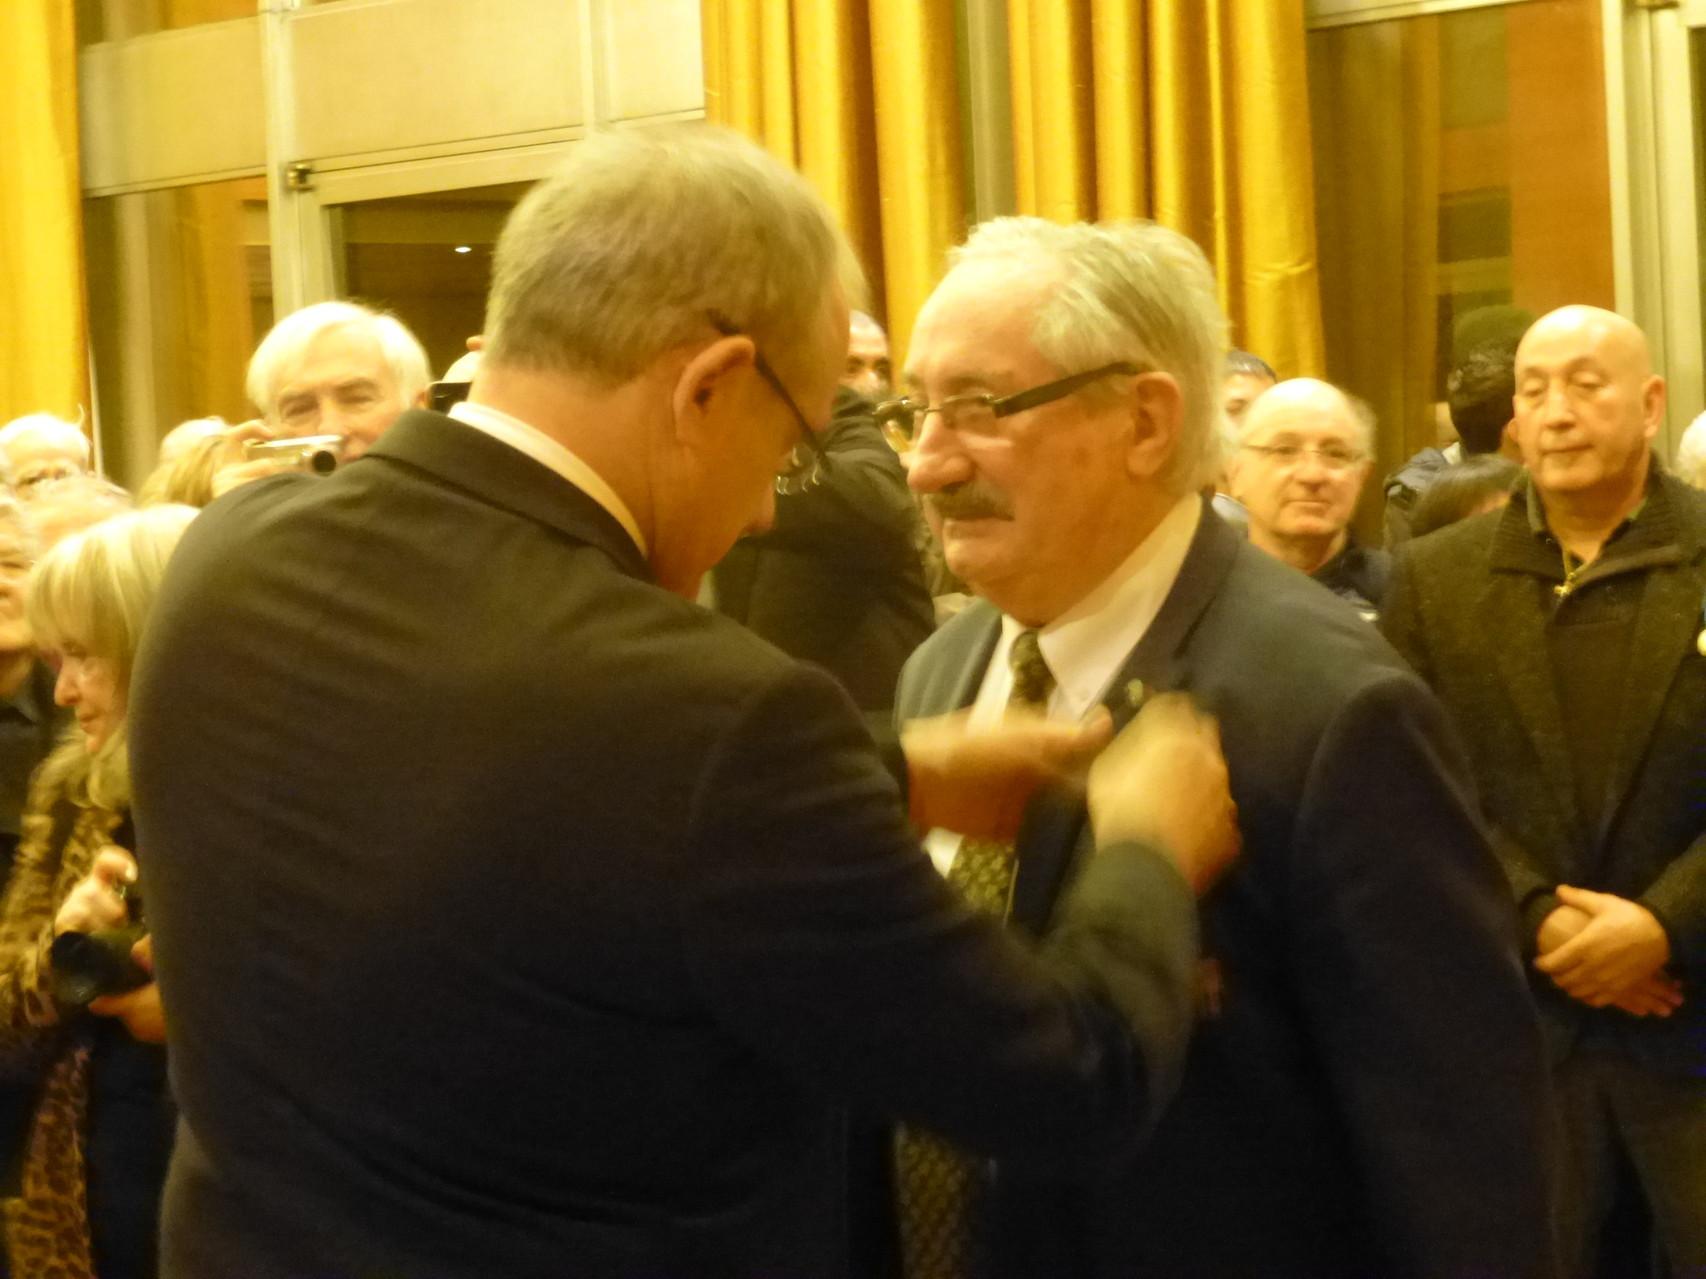 Jean-Marc Abattu reçoit la médaille d'or de la Jeunesse et des Sports